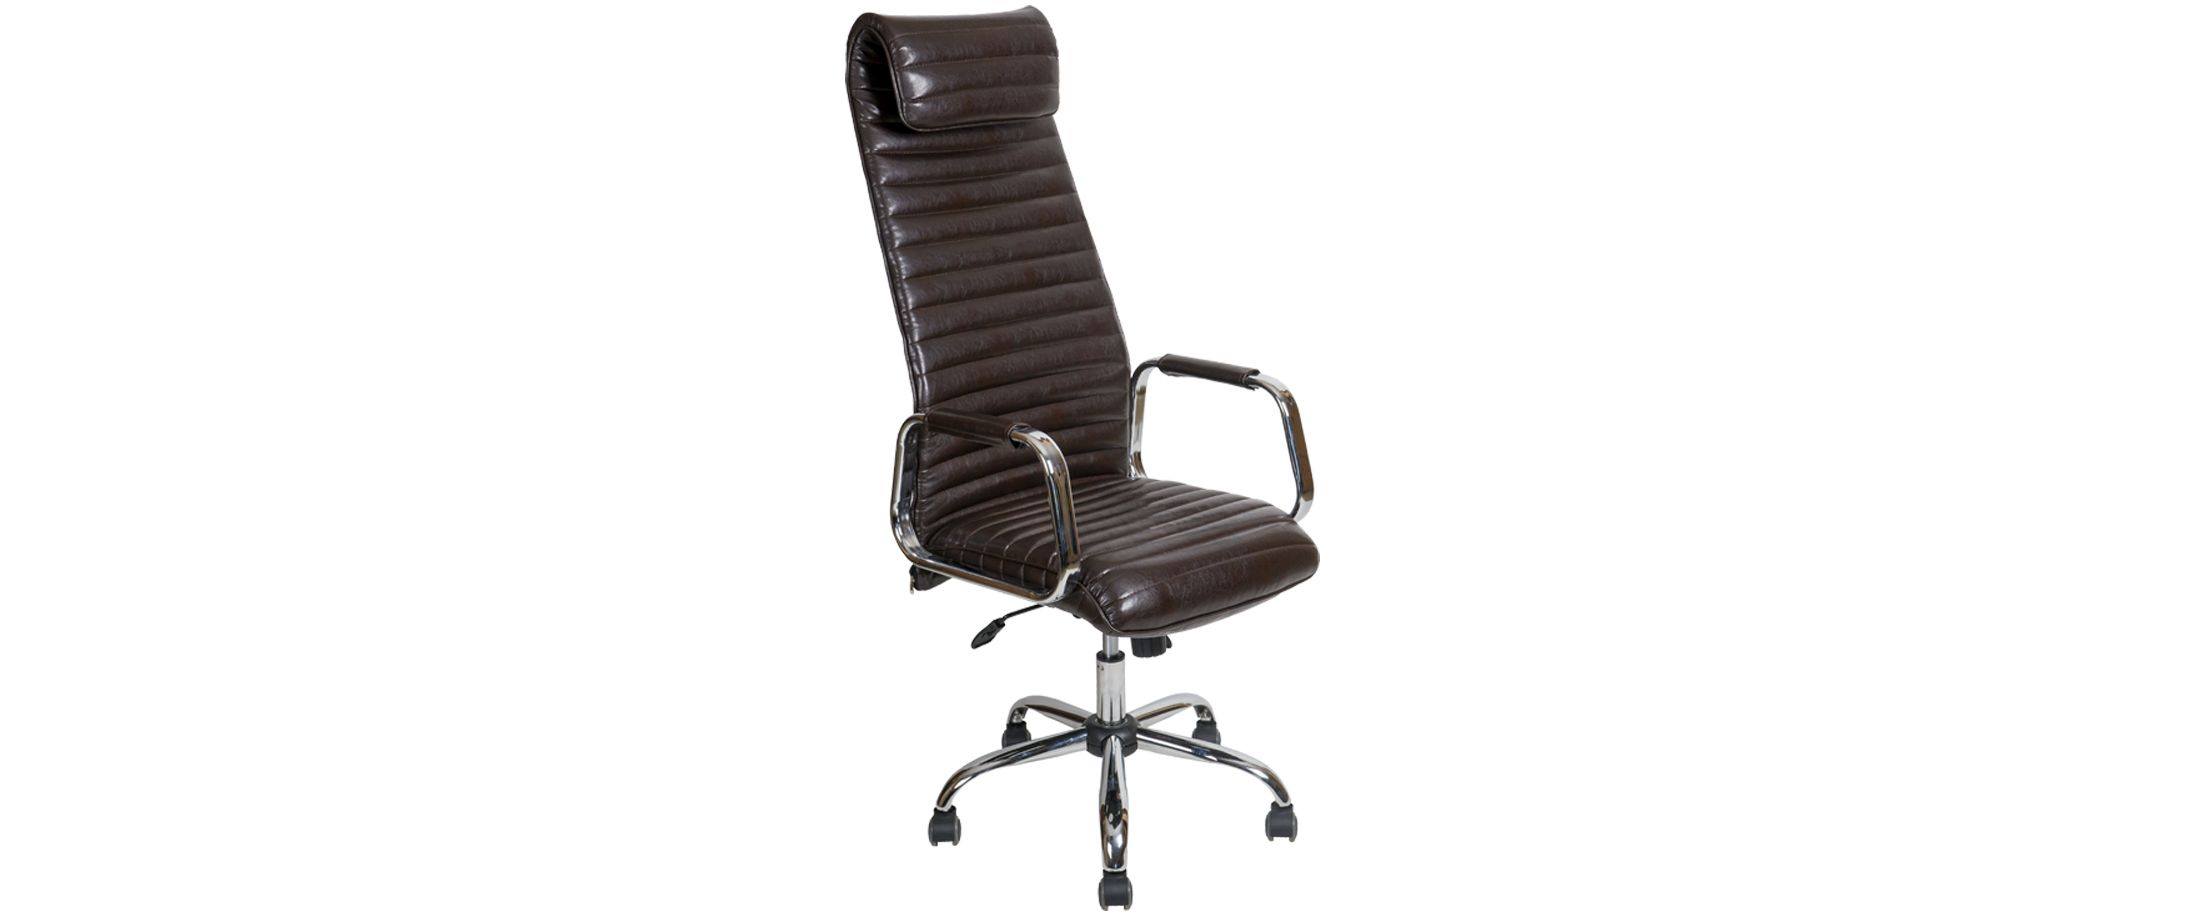 Кресло офисное AV 131 из экокожи цвет шоколад Модель 999Кресло офисное AV 131 из экокожи цвет шоколад Модель 999. Артикул Д000722<br>